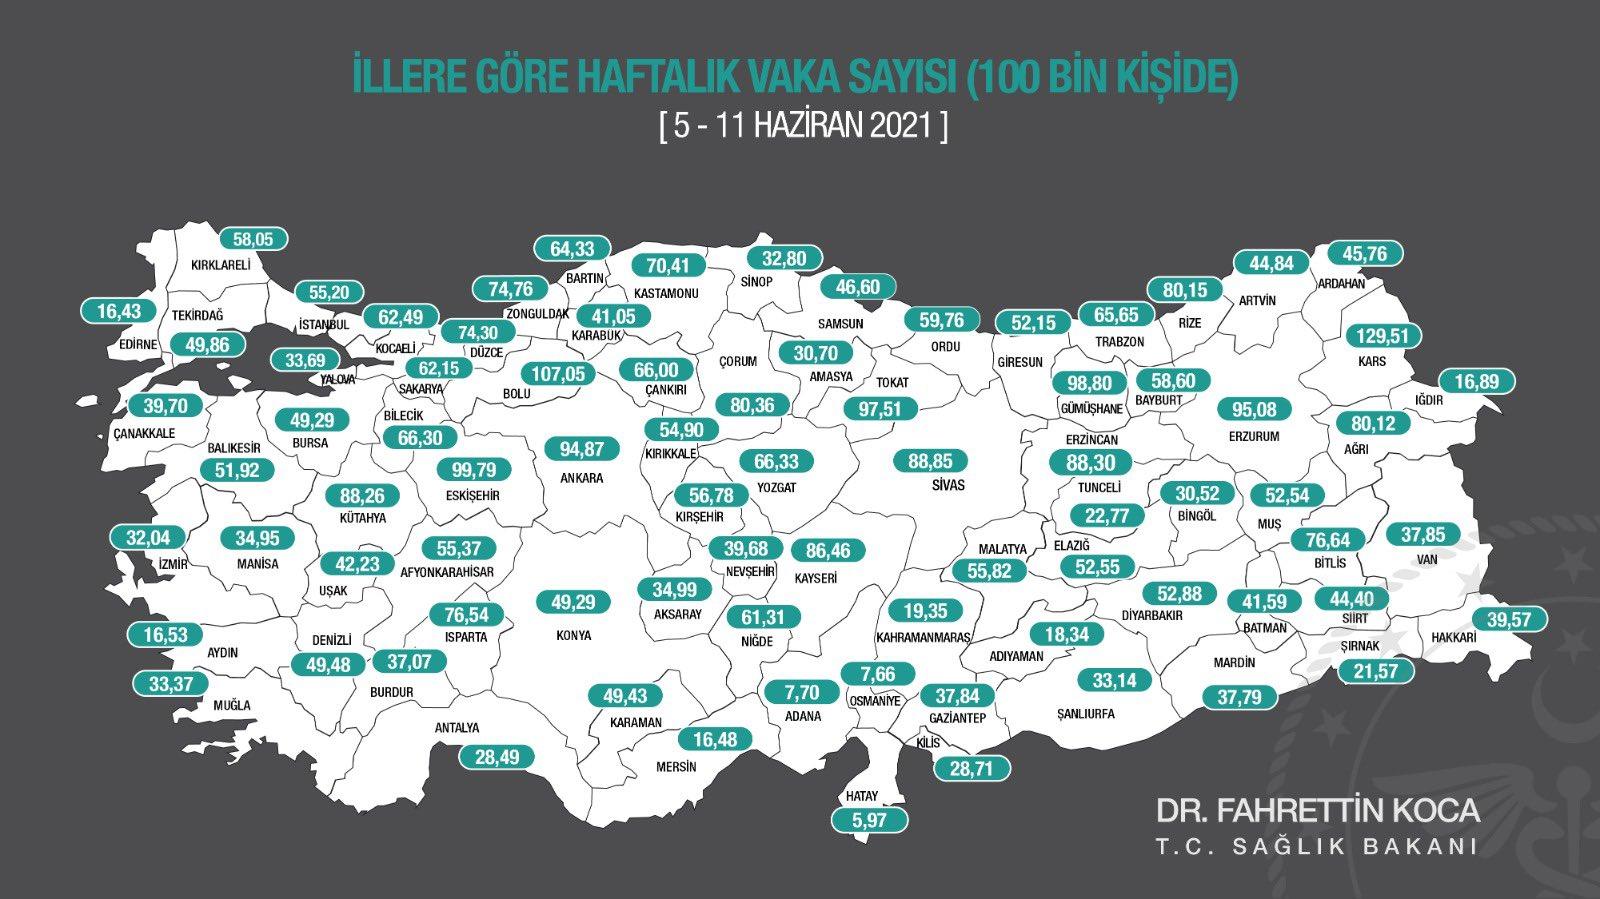 BALIKESİR'DE HAFTALIK VAKA SAYISI 100 BİNDE 59,25